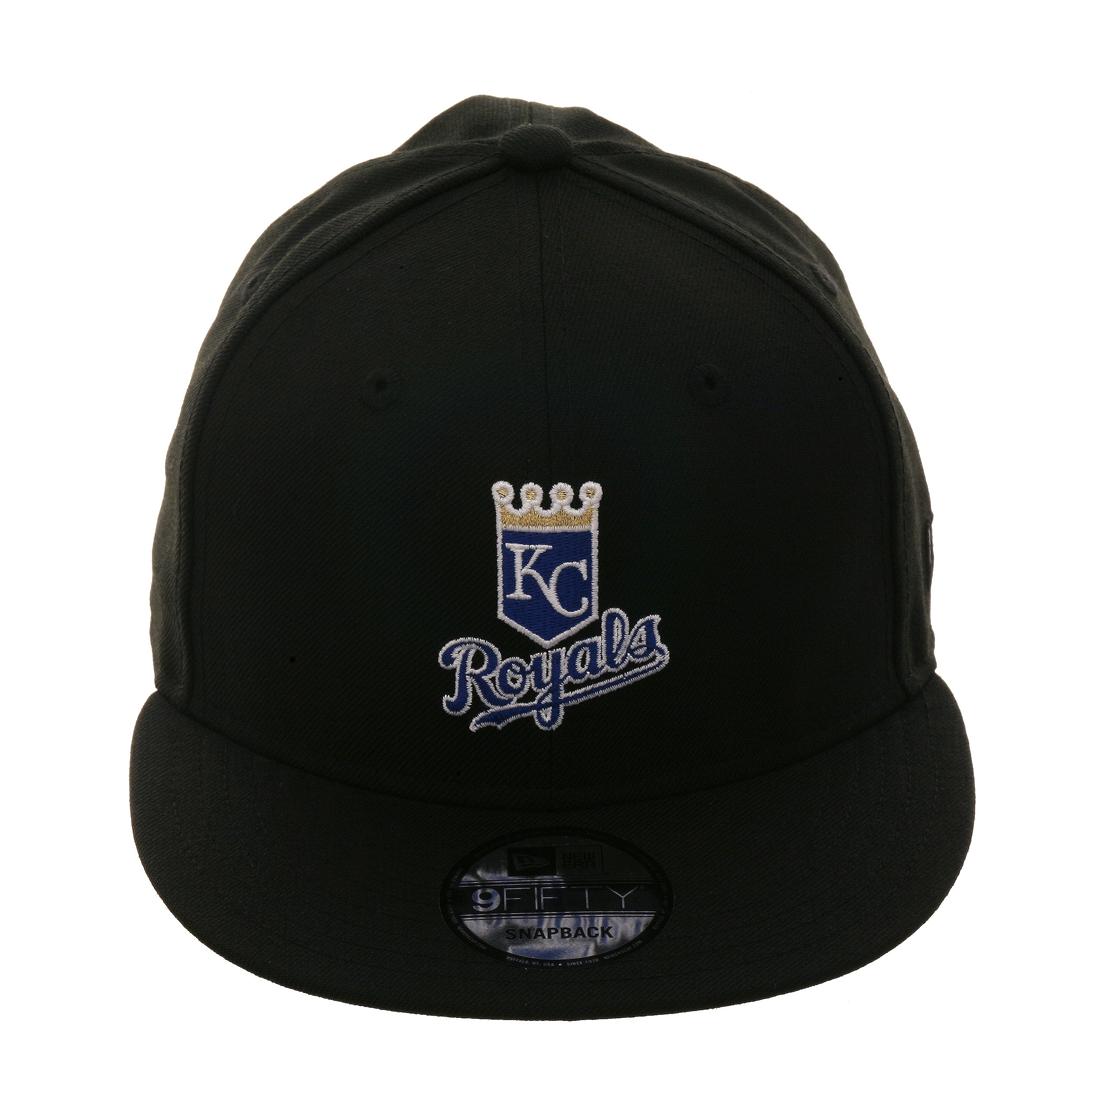 new photos f7ef8 d0a6d New Era 9Fifty Kansas City Royals Snapback Hat - Black,  14.98 - Save  15.01